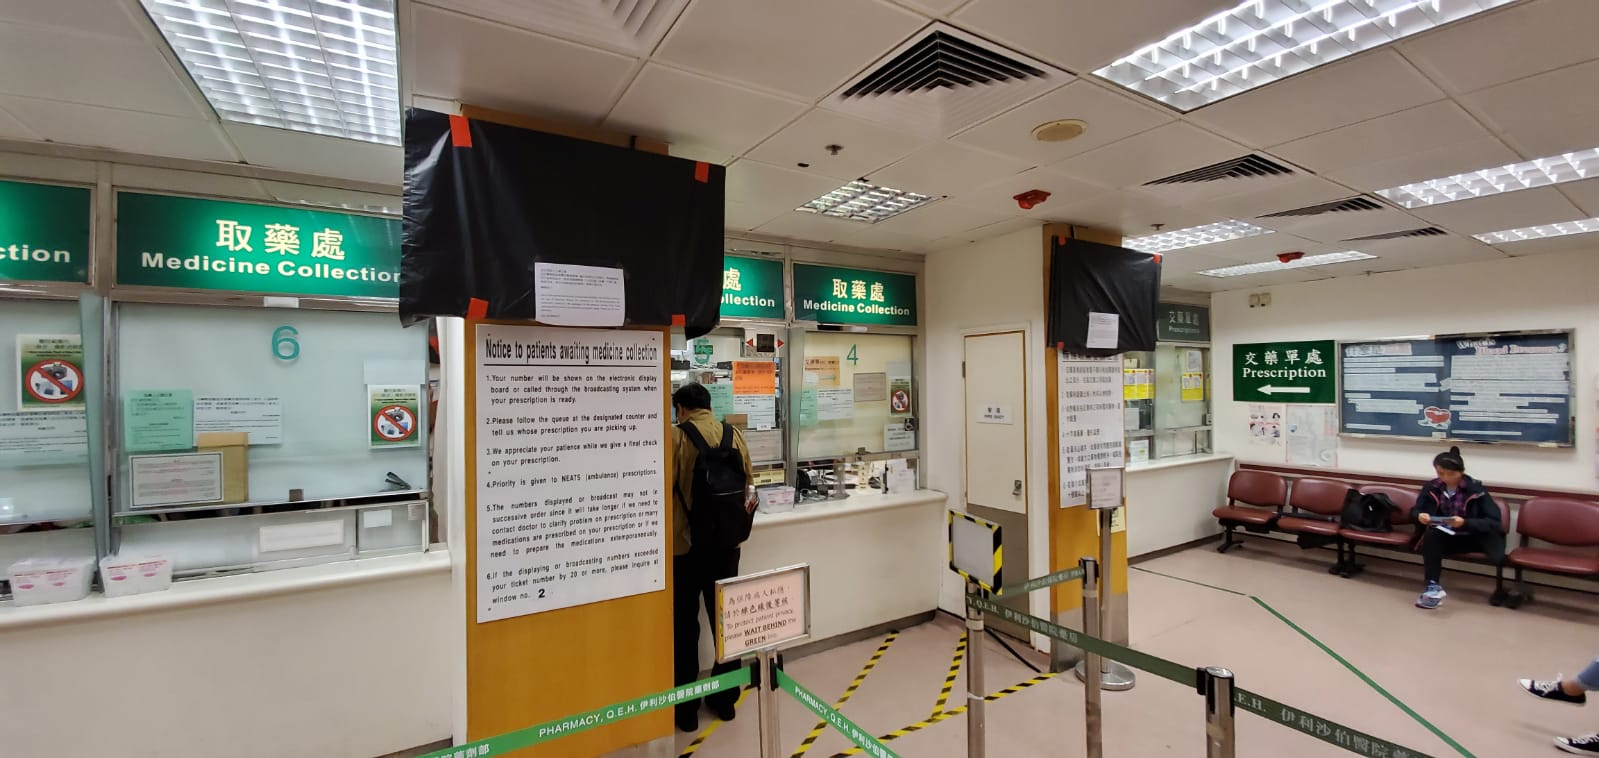 藥房兩部顯示屏被毀。